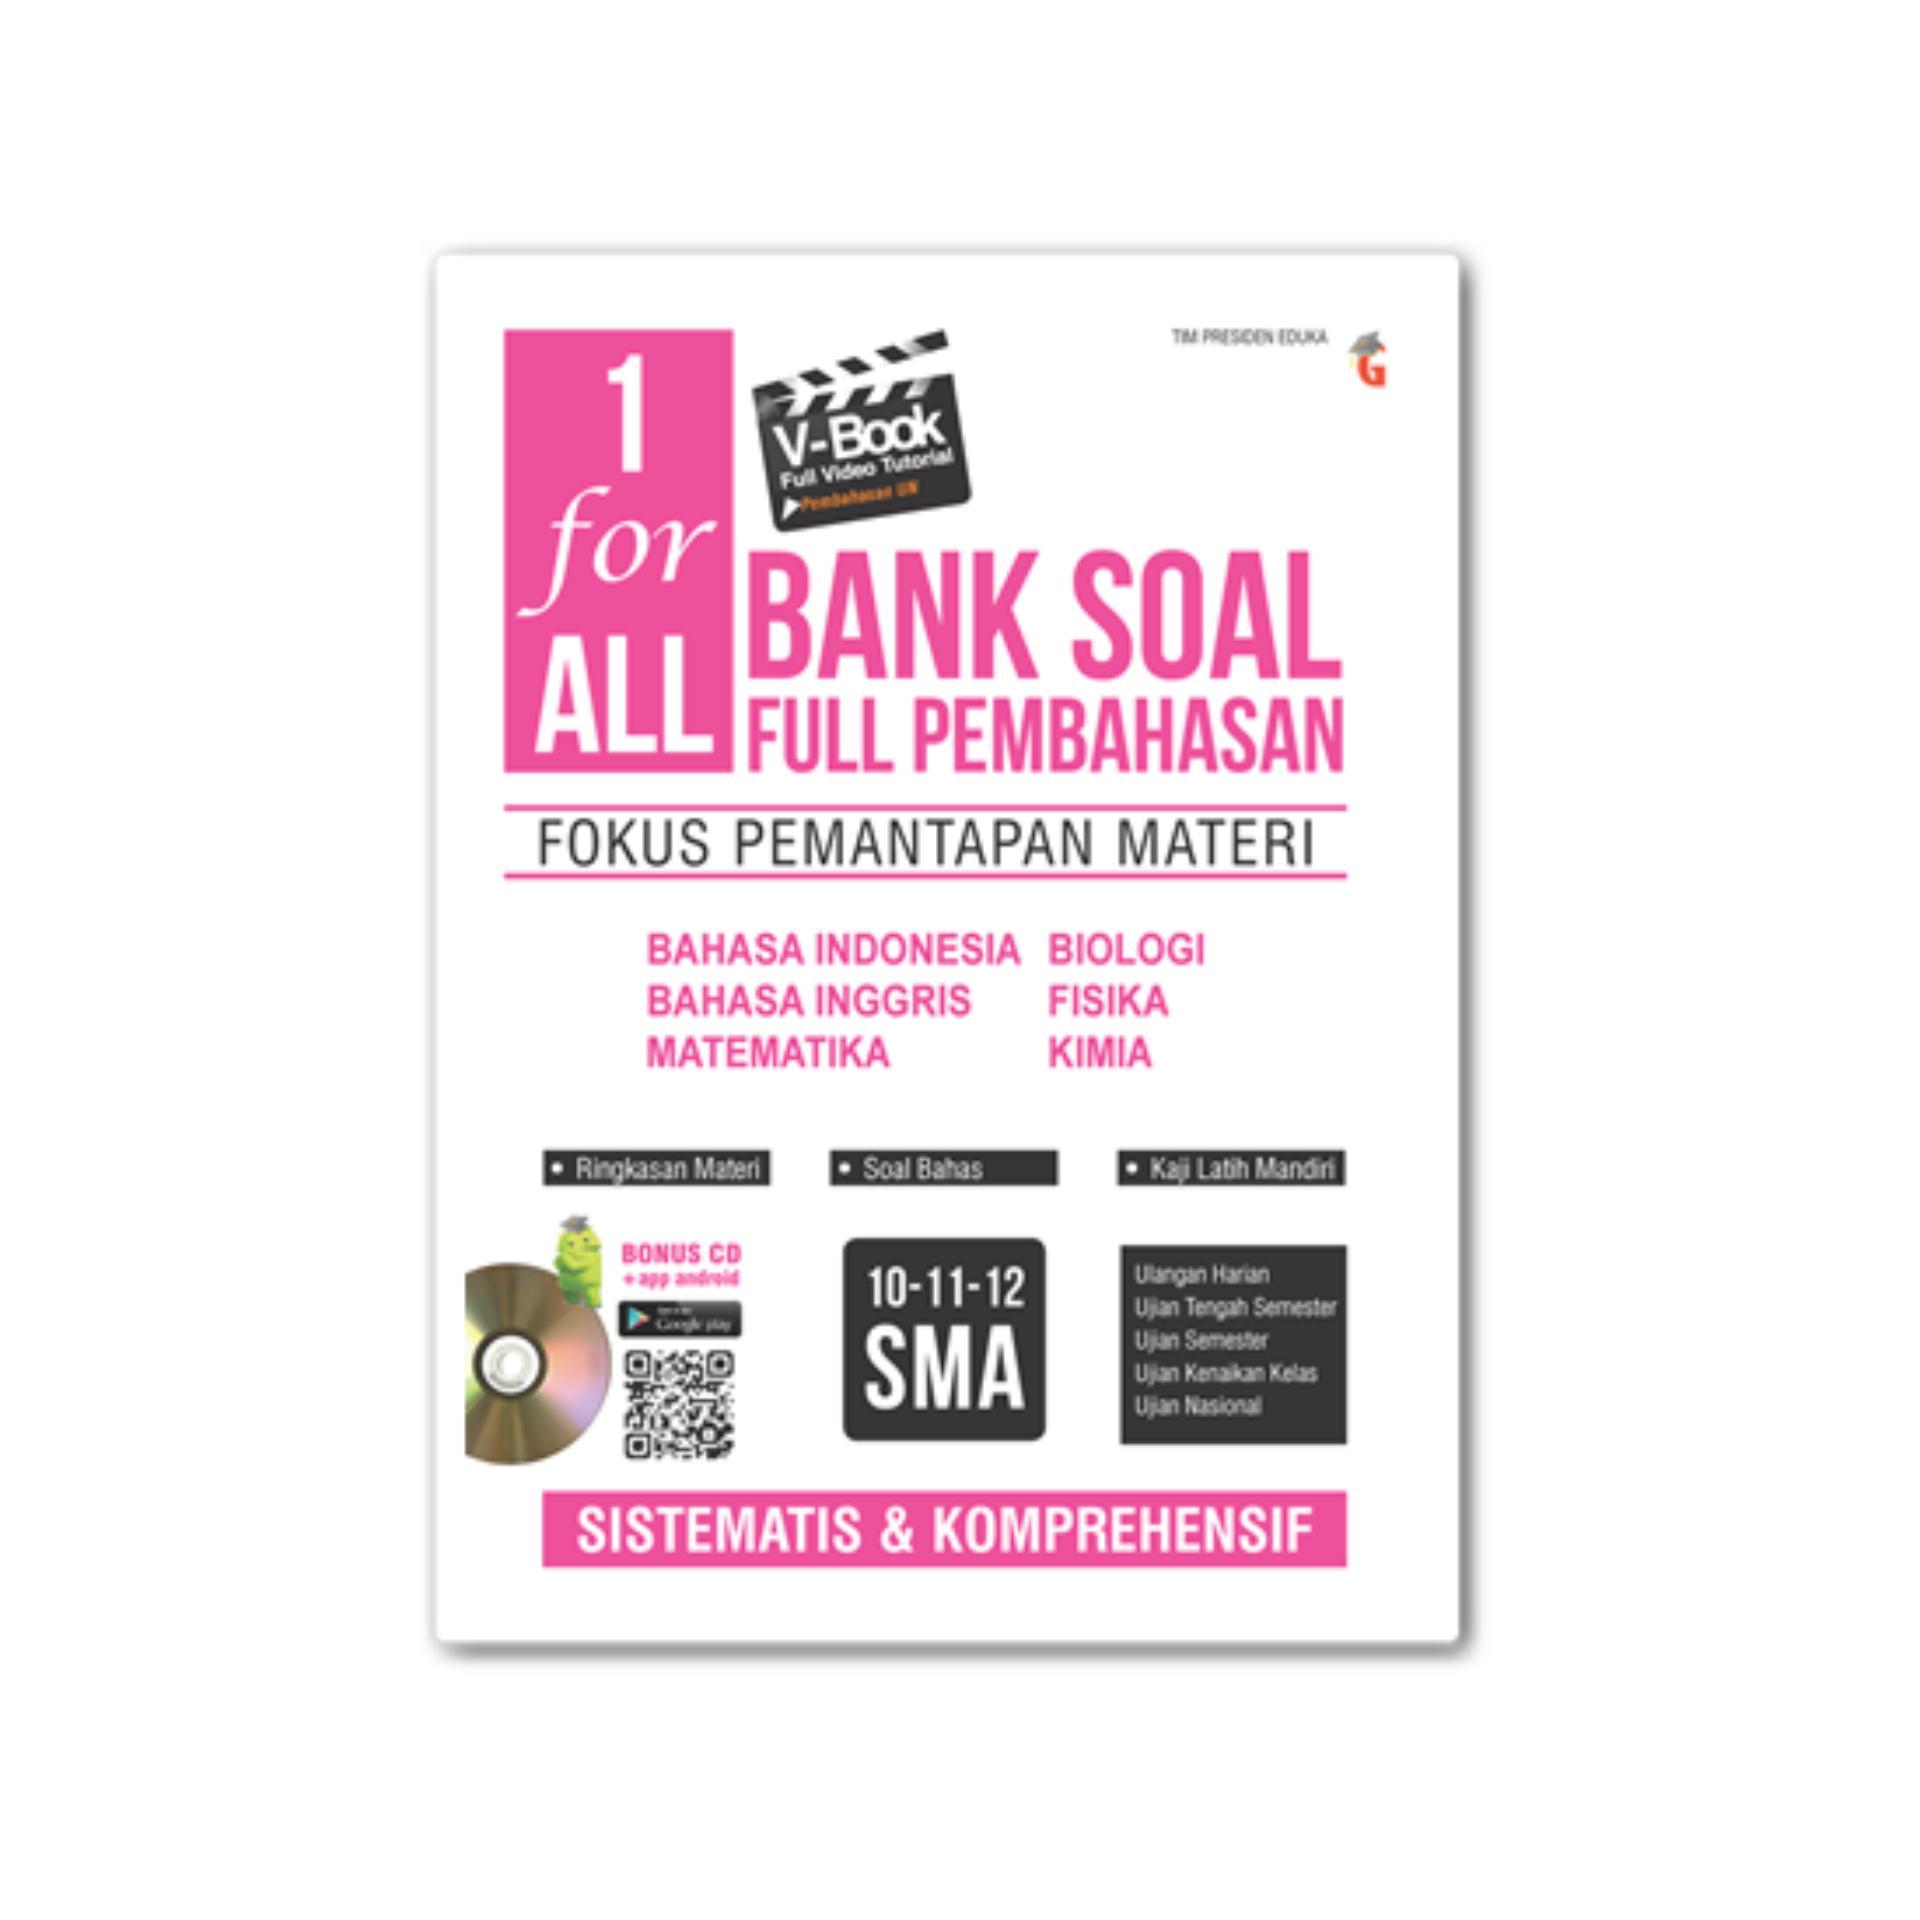 Bandingkan Toko Magenta Group 1 for All Bank Soal Full Pembahasan 10-11-12